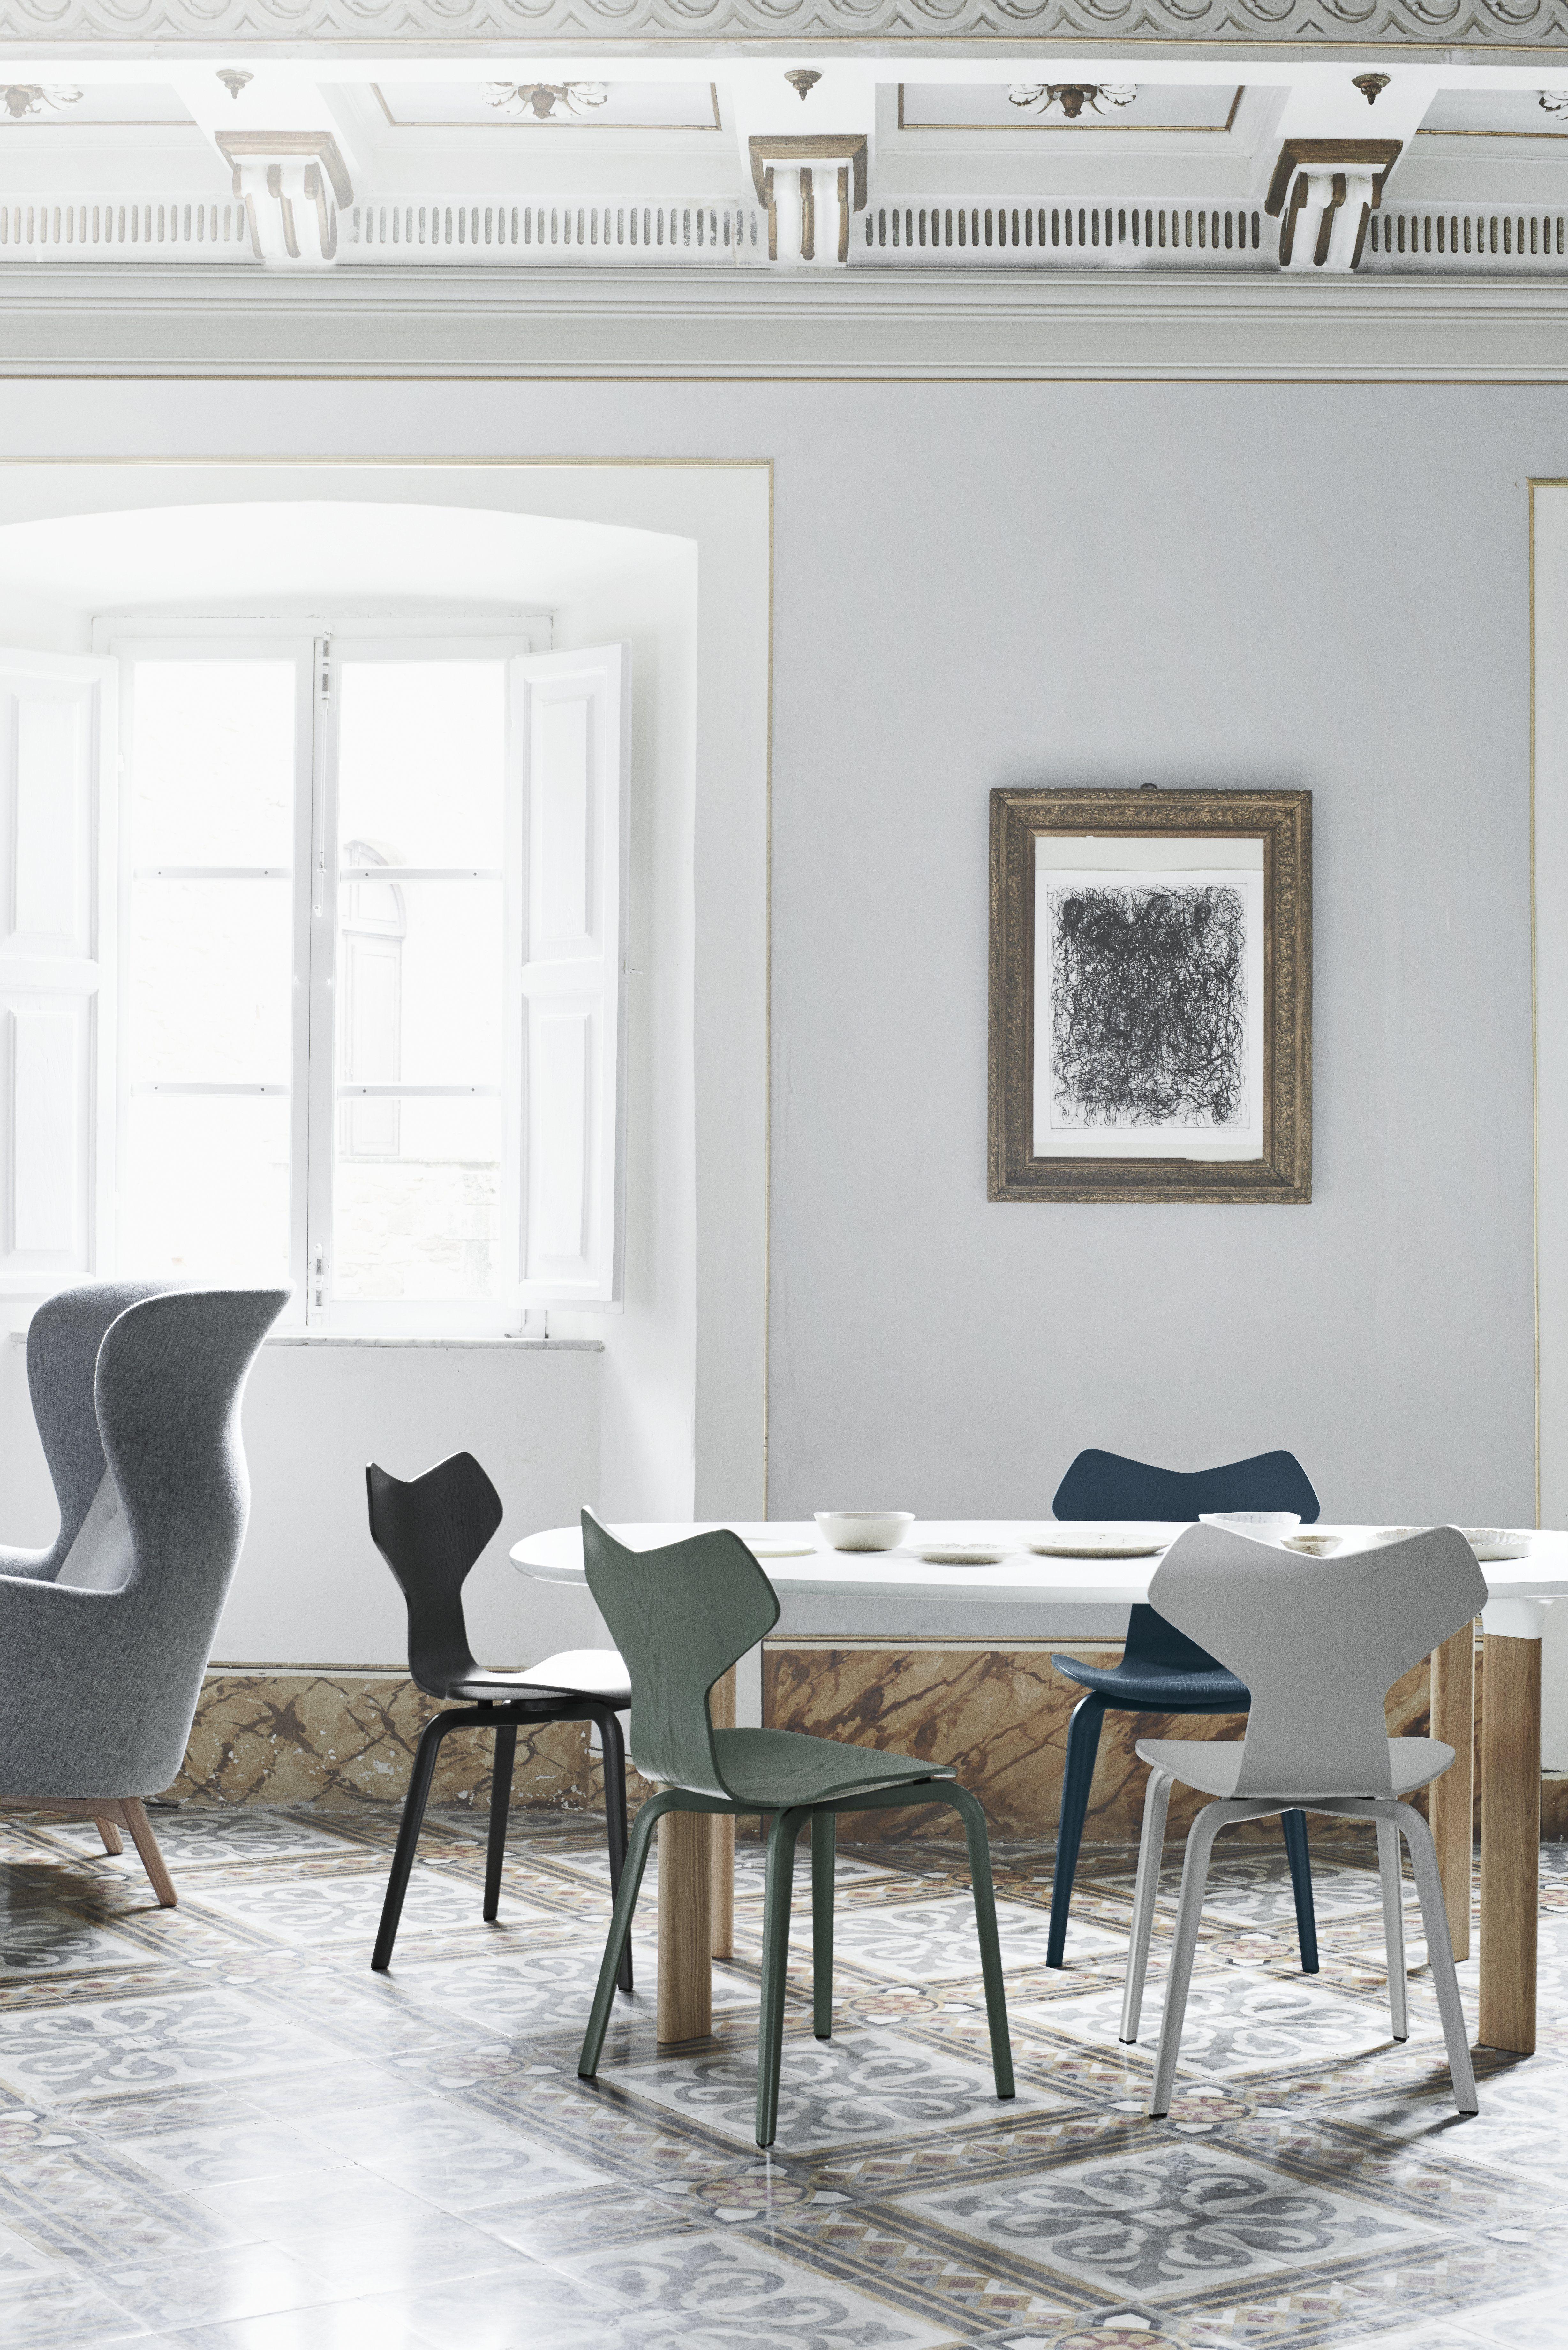 Pin on Interiors & Decor Ideas